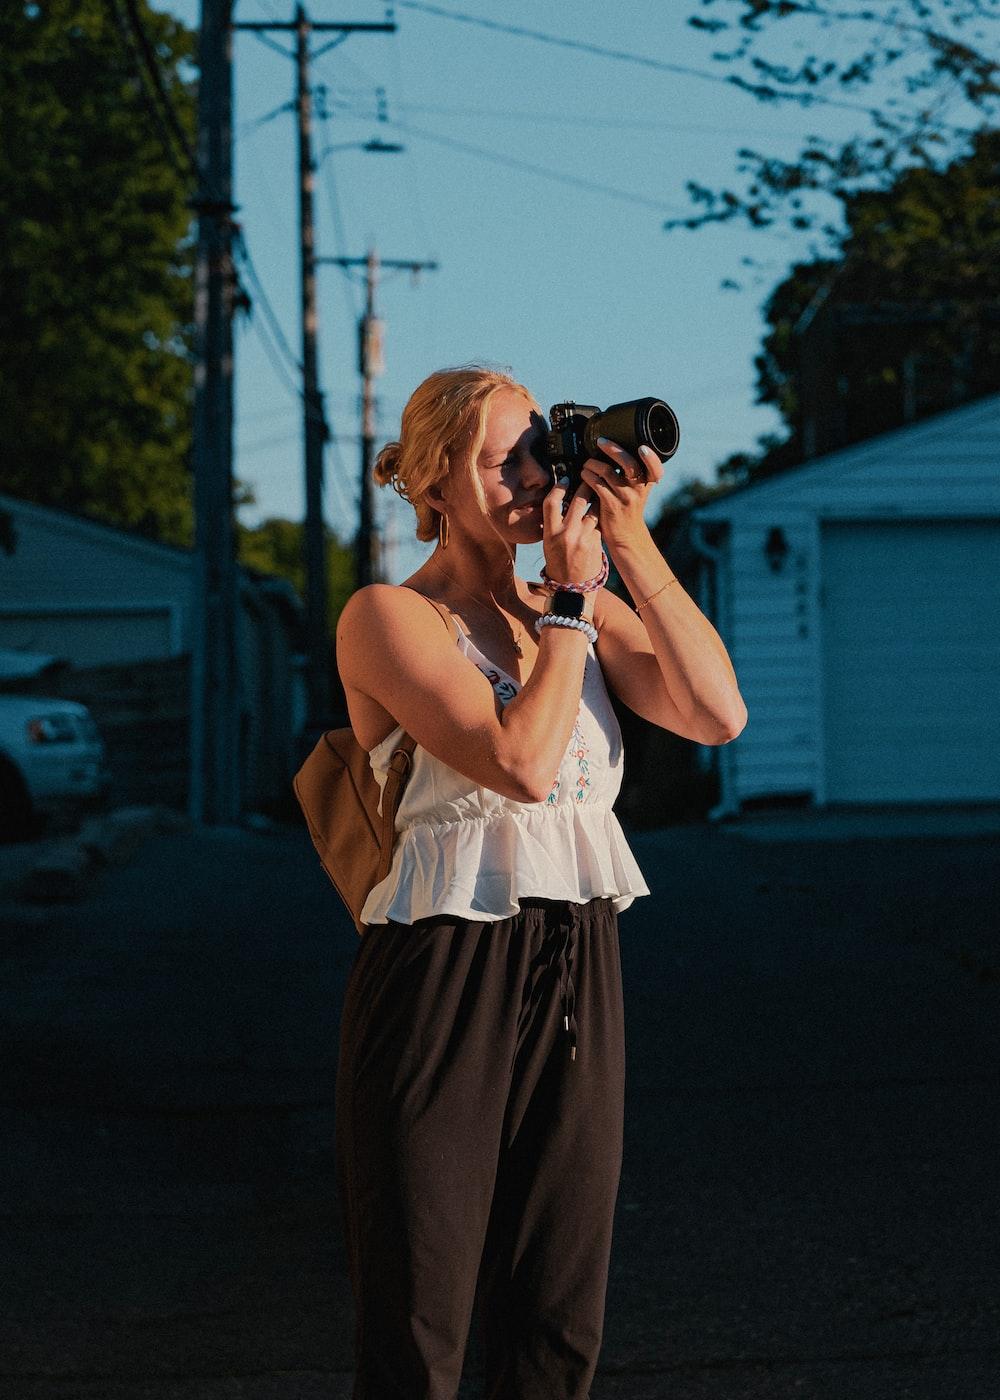 woman in white sleeveless dress holding black dslr camera